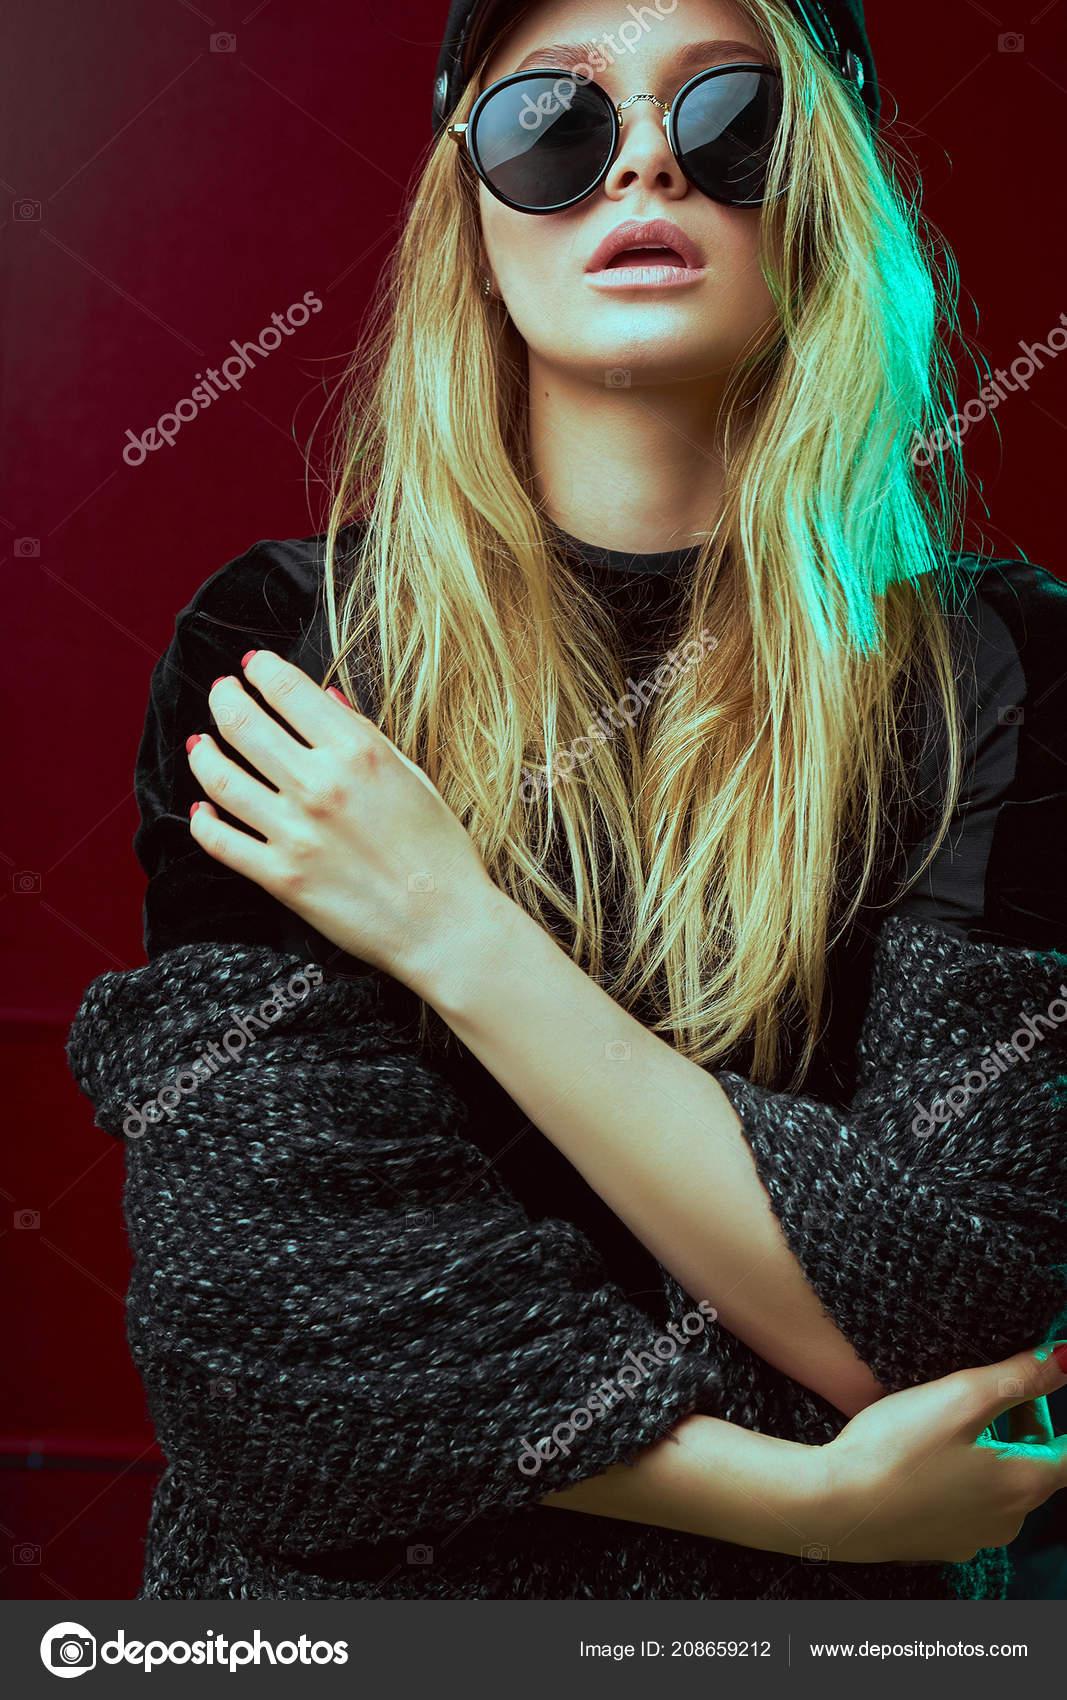 Modèle attrayant, design de mode, tourné en studio. Jeune fille a les  cheveux de wight sourire cool. Modèle professionnel — Image de  vitalii.smulskyi.gmail. ... 680a6f6dcd82